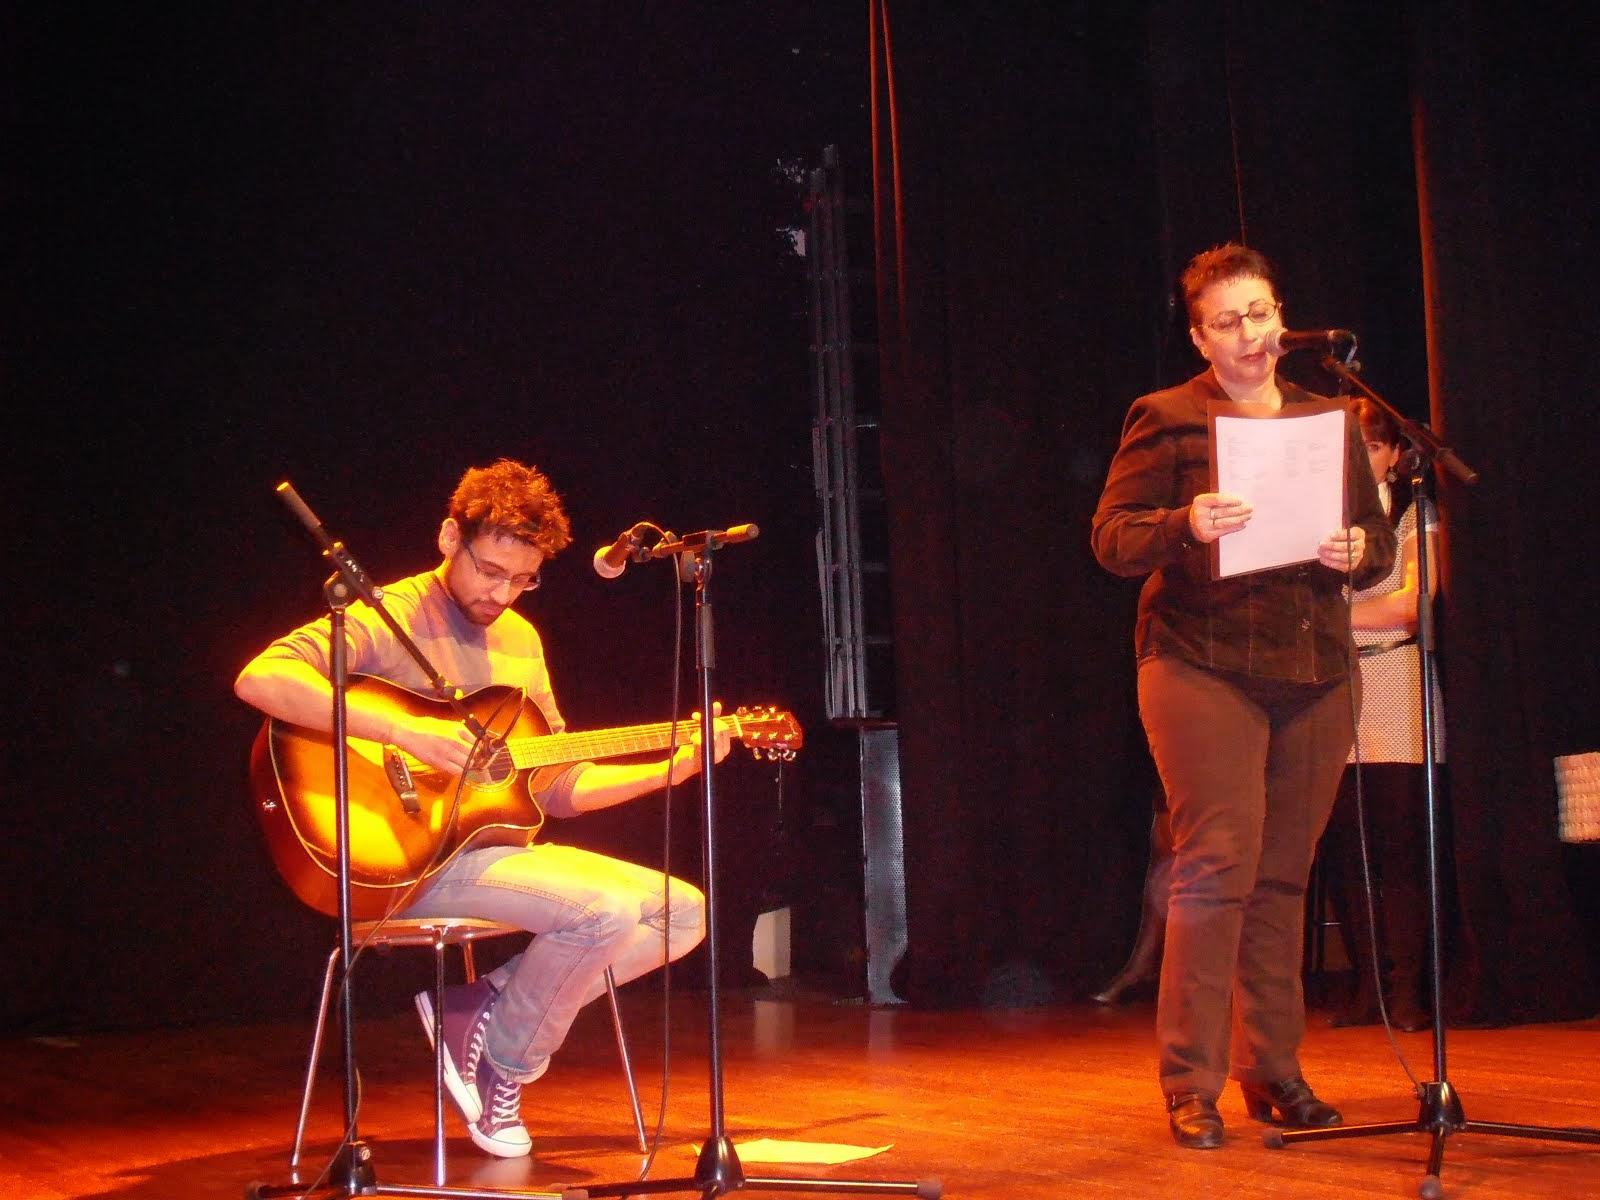 Recital solidario en el auditorio de Montcada I Reixac  22-12-2013